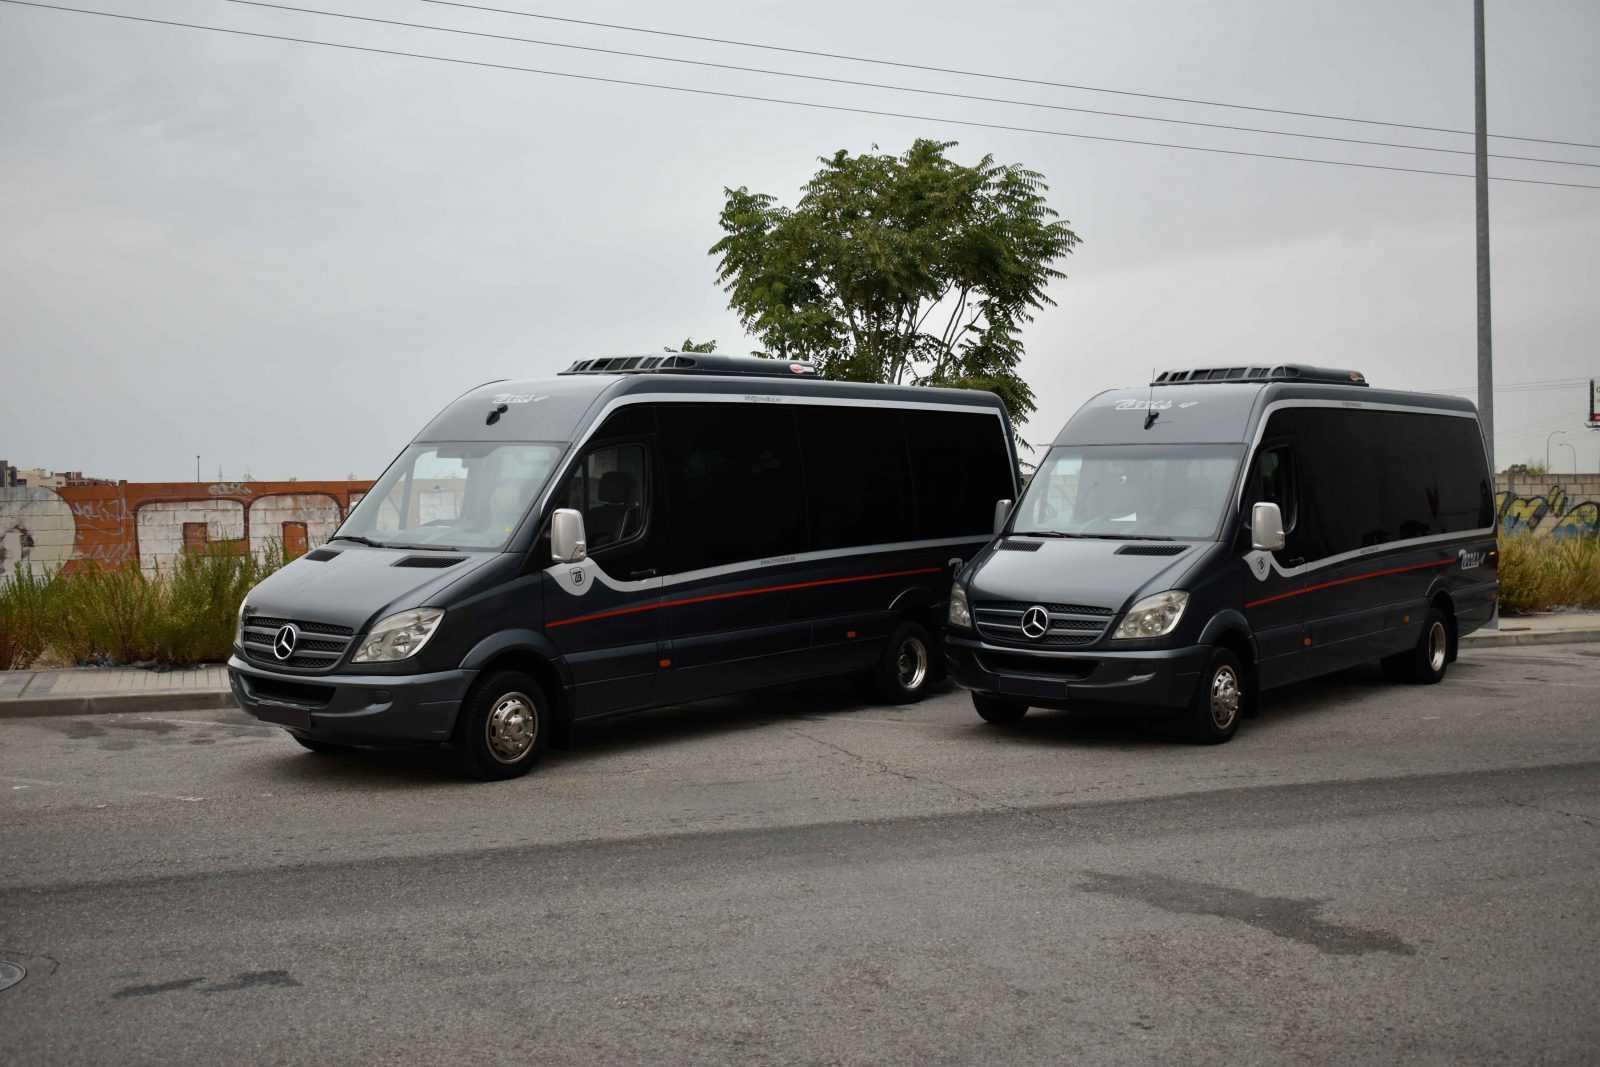 Туристический автобус Мадрид Испания | Туристические автобусы Torresbus | Аренда микроавтобусов